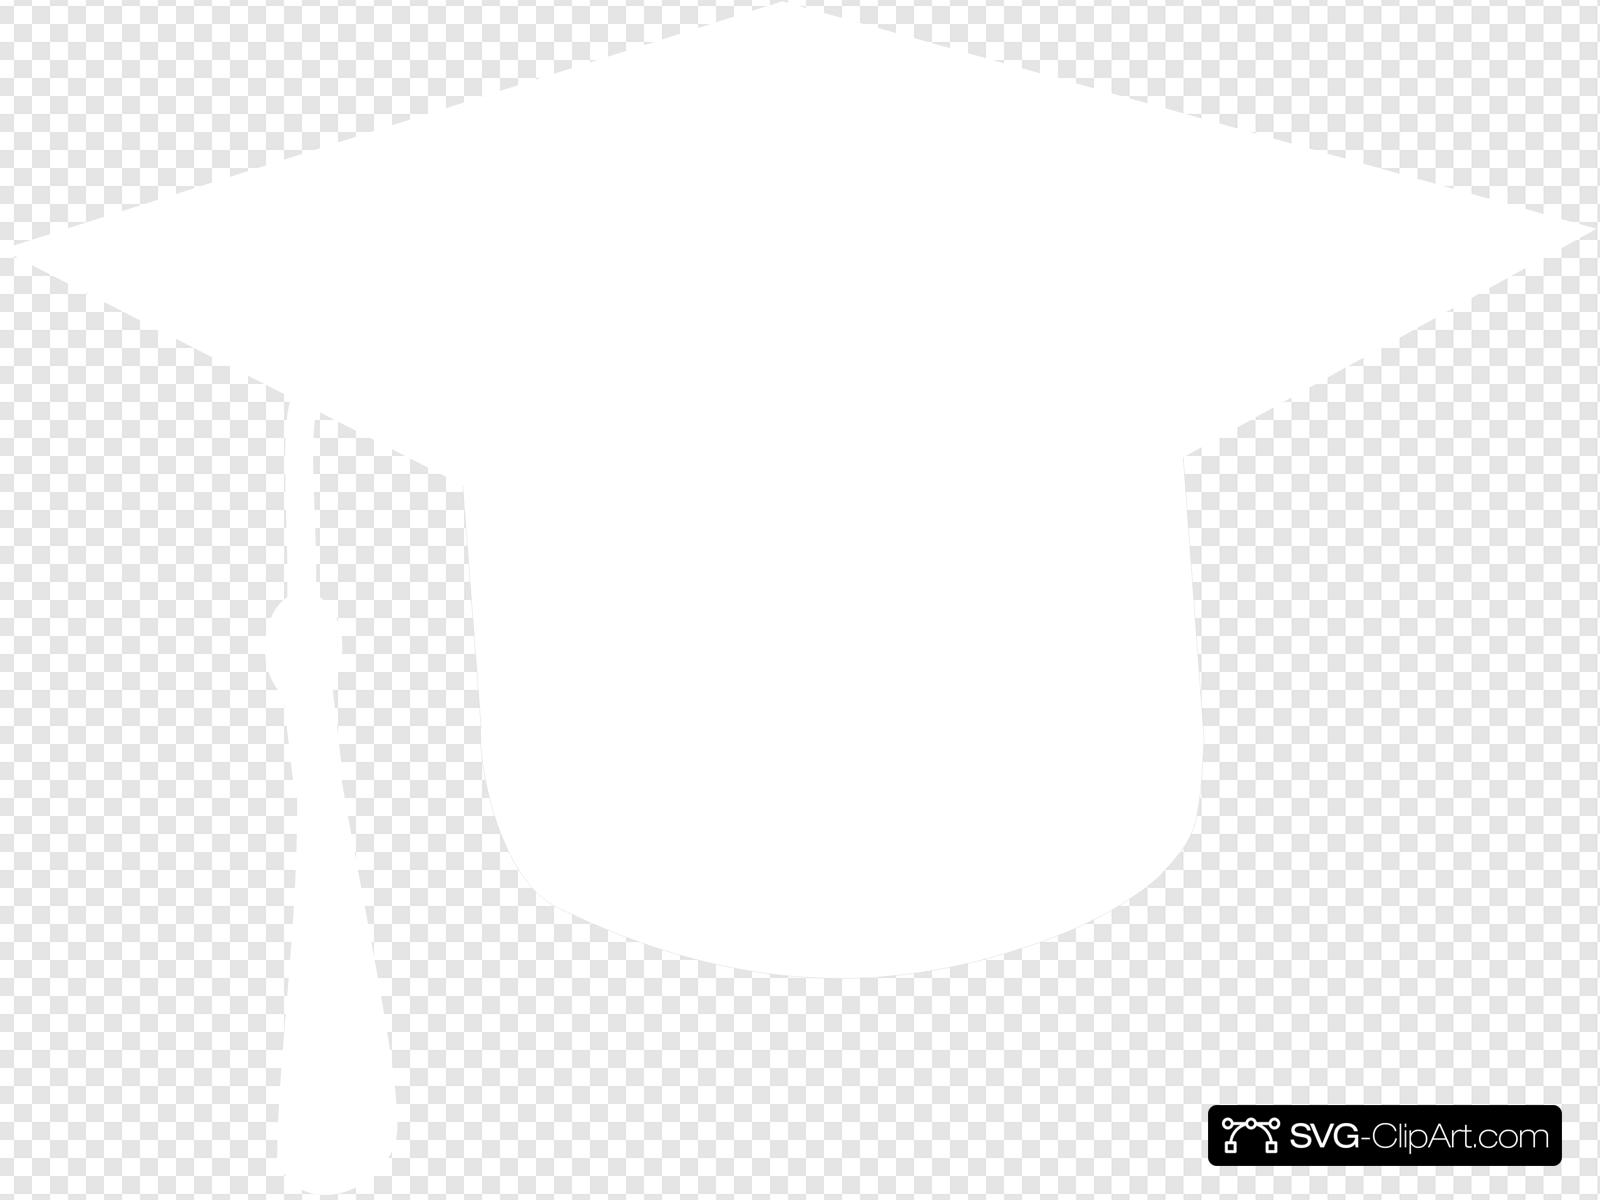 White Graduation Cap Clip art, Icon and SVG.